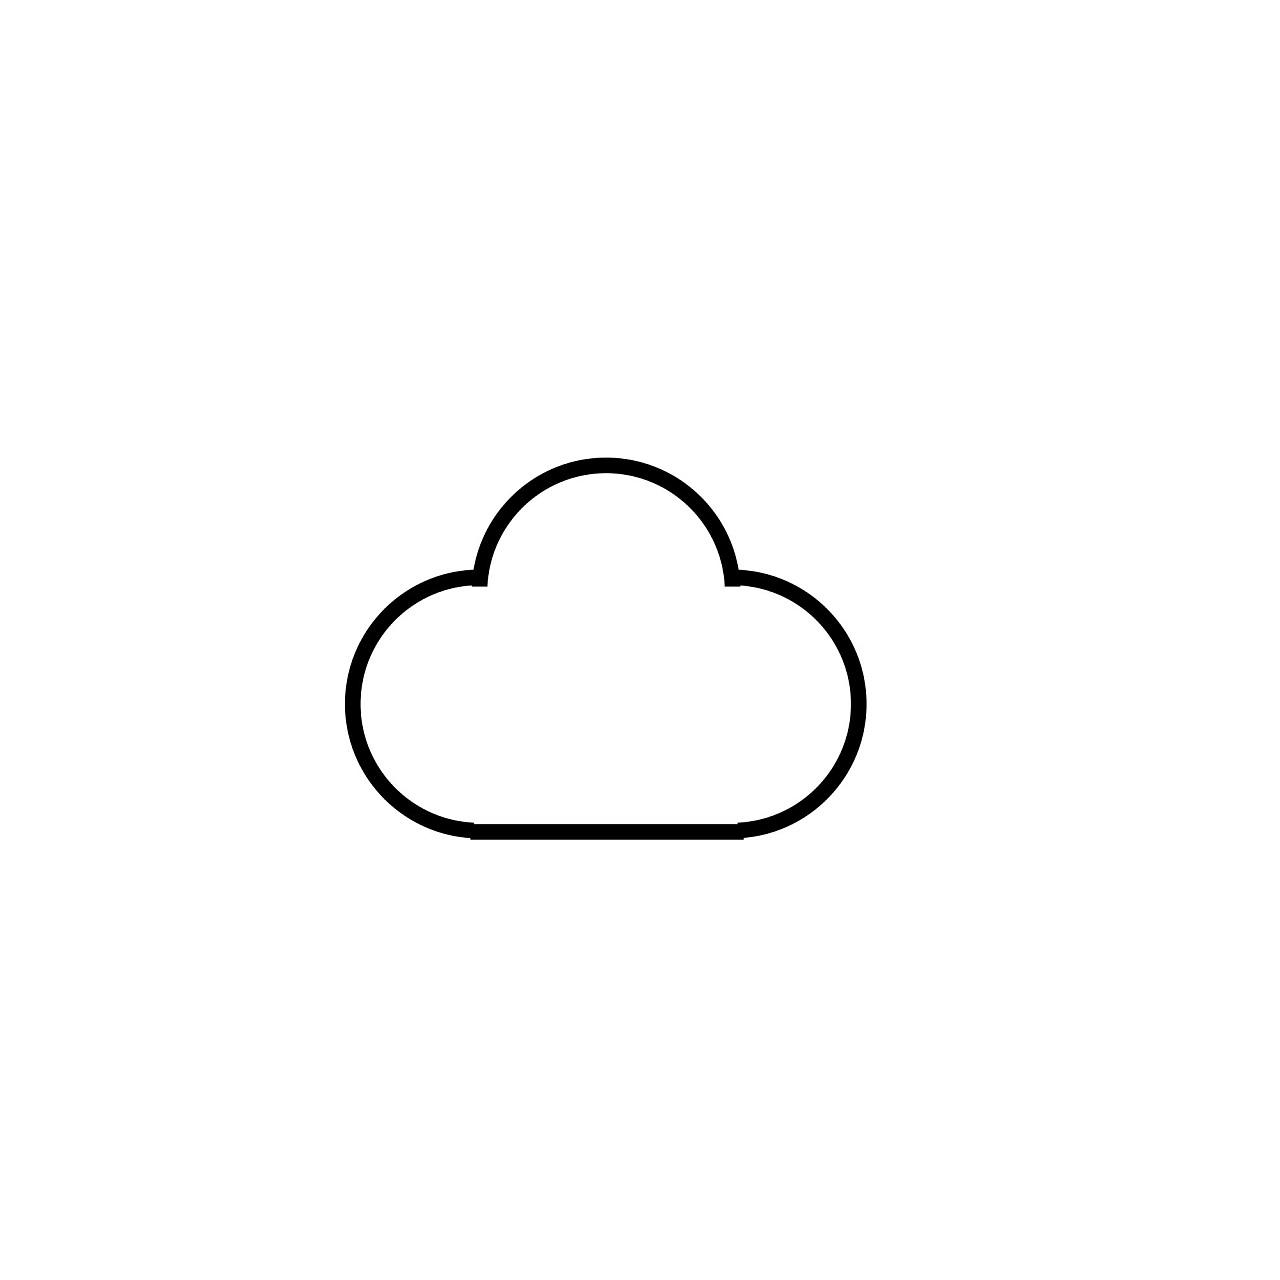 云彩图片简笔画